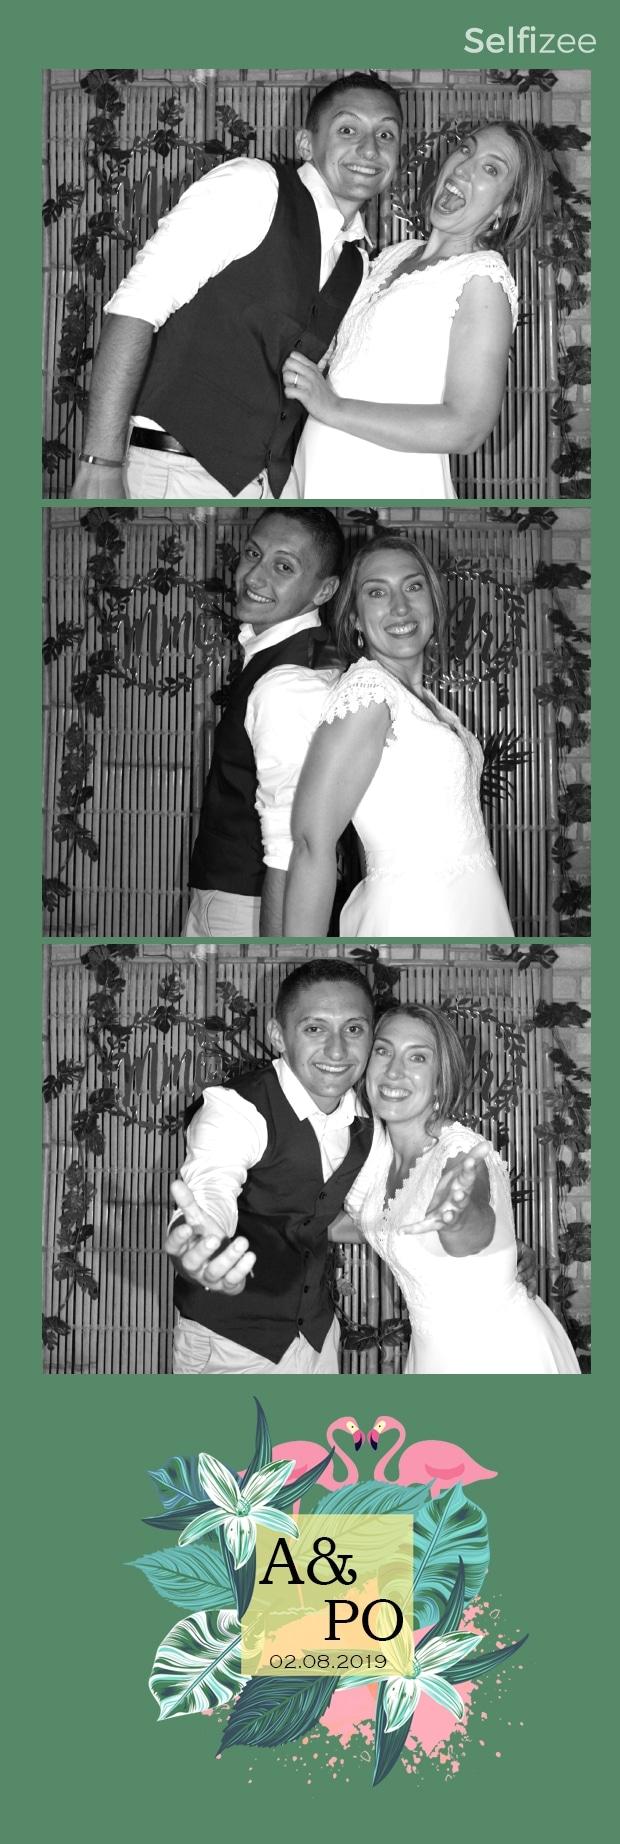 Photo mariage personnalisée avec borne selfie connectée à louer à Orléans et Loiret pour animation mariage et albums photos souvenirs